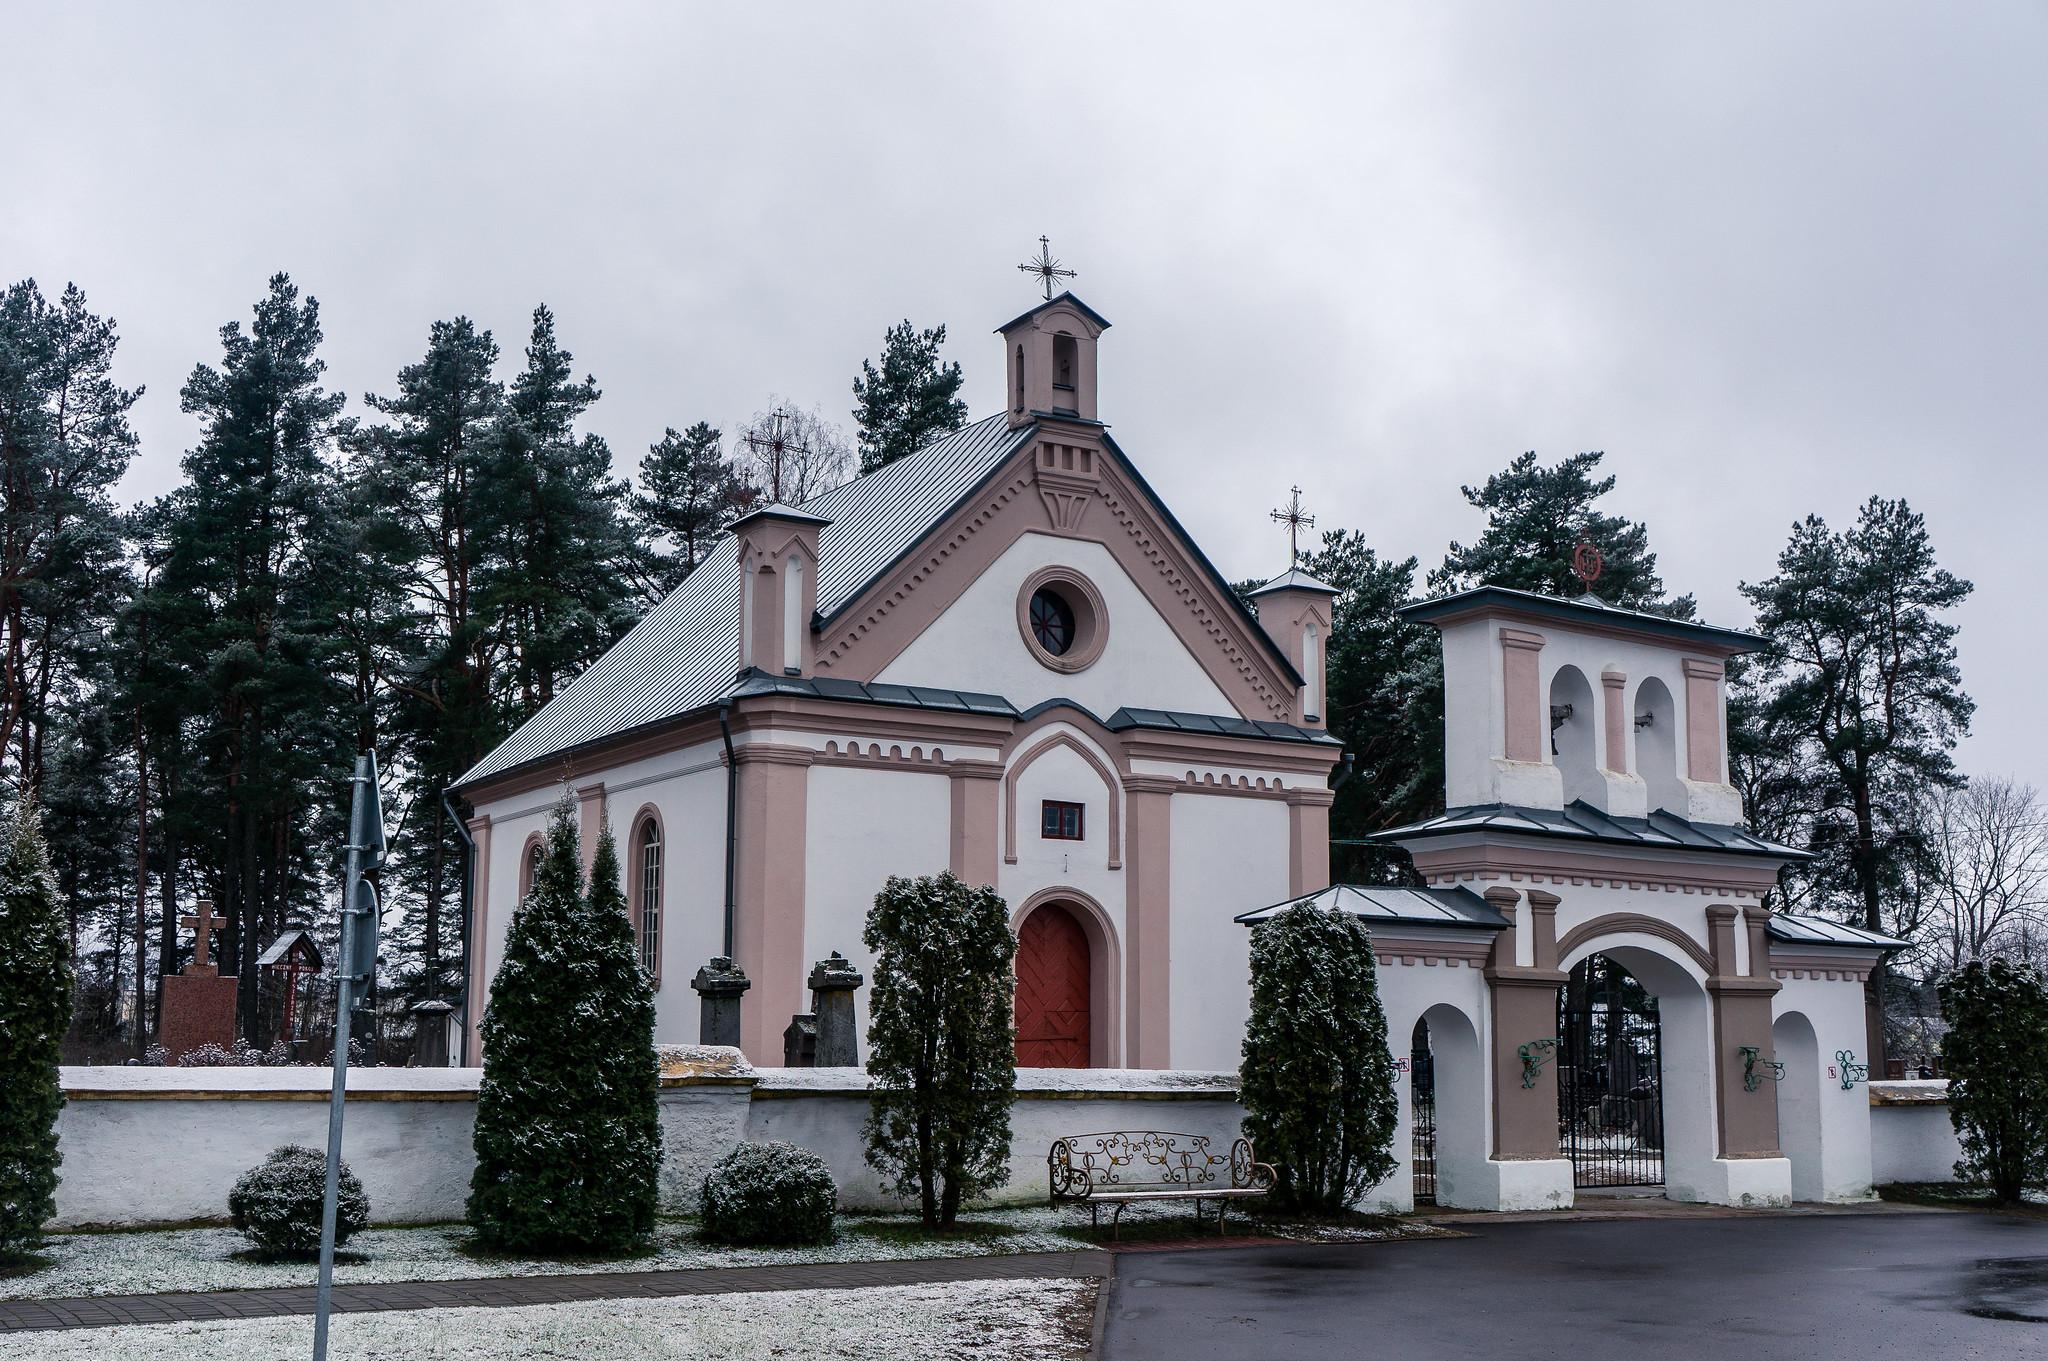 Костёл Святой Анны. Католическое кладбище | Раков